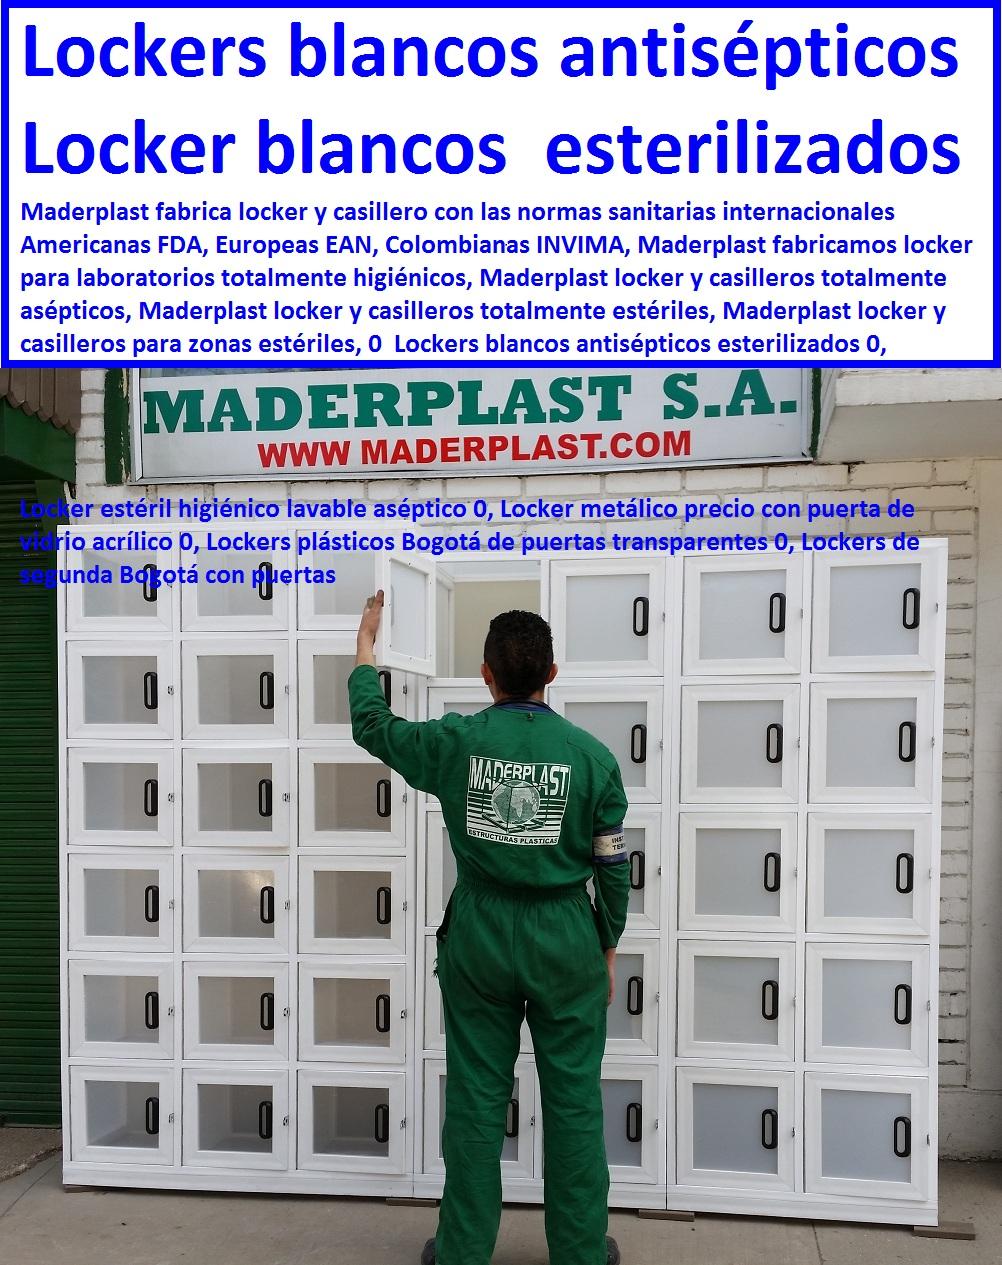 Lockers blancos antisépticos esterilizados 0, Locker estéril higiénico lavable aséptico 0, Locker metálico precio con puerta de vidrio acrílico 0, Lockers plásticos Bogotá de puertas transparentes 0, Lockers de segunda Bogotá con puertas 0 1 2 3 Lockers blancos antisépticos esterilizados 0, Locker estéril higiénico lavable aséptico 0, Locker metálico precio con puerta de vidrio acrílico 0, Lockers plásticos Bogotá de puertas transparentes 0, Lockers de segunda Bogotá con puertas 0